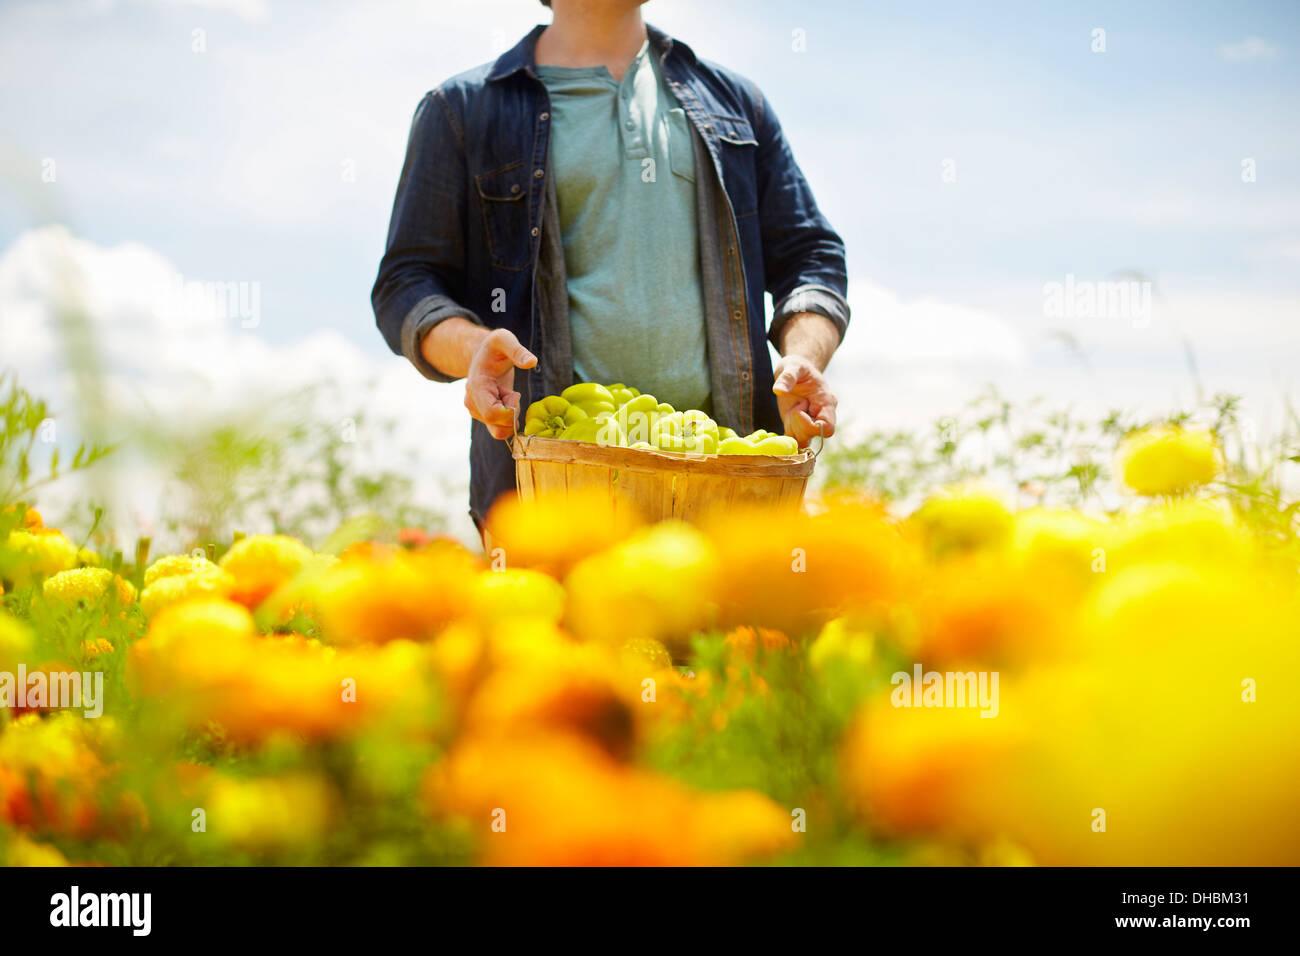 Un agricoltore lavora nei suoi campi nello Stato di New York. Un giallo e arancione cresciuti organicamente fiore raccolto. Immagini Stock